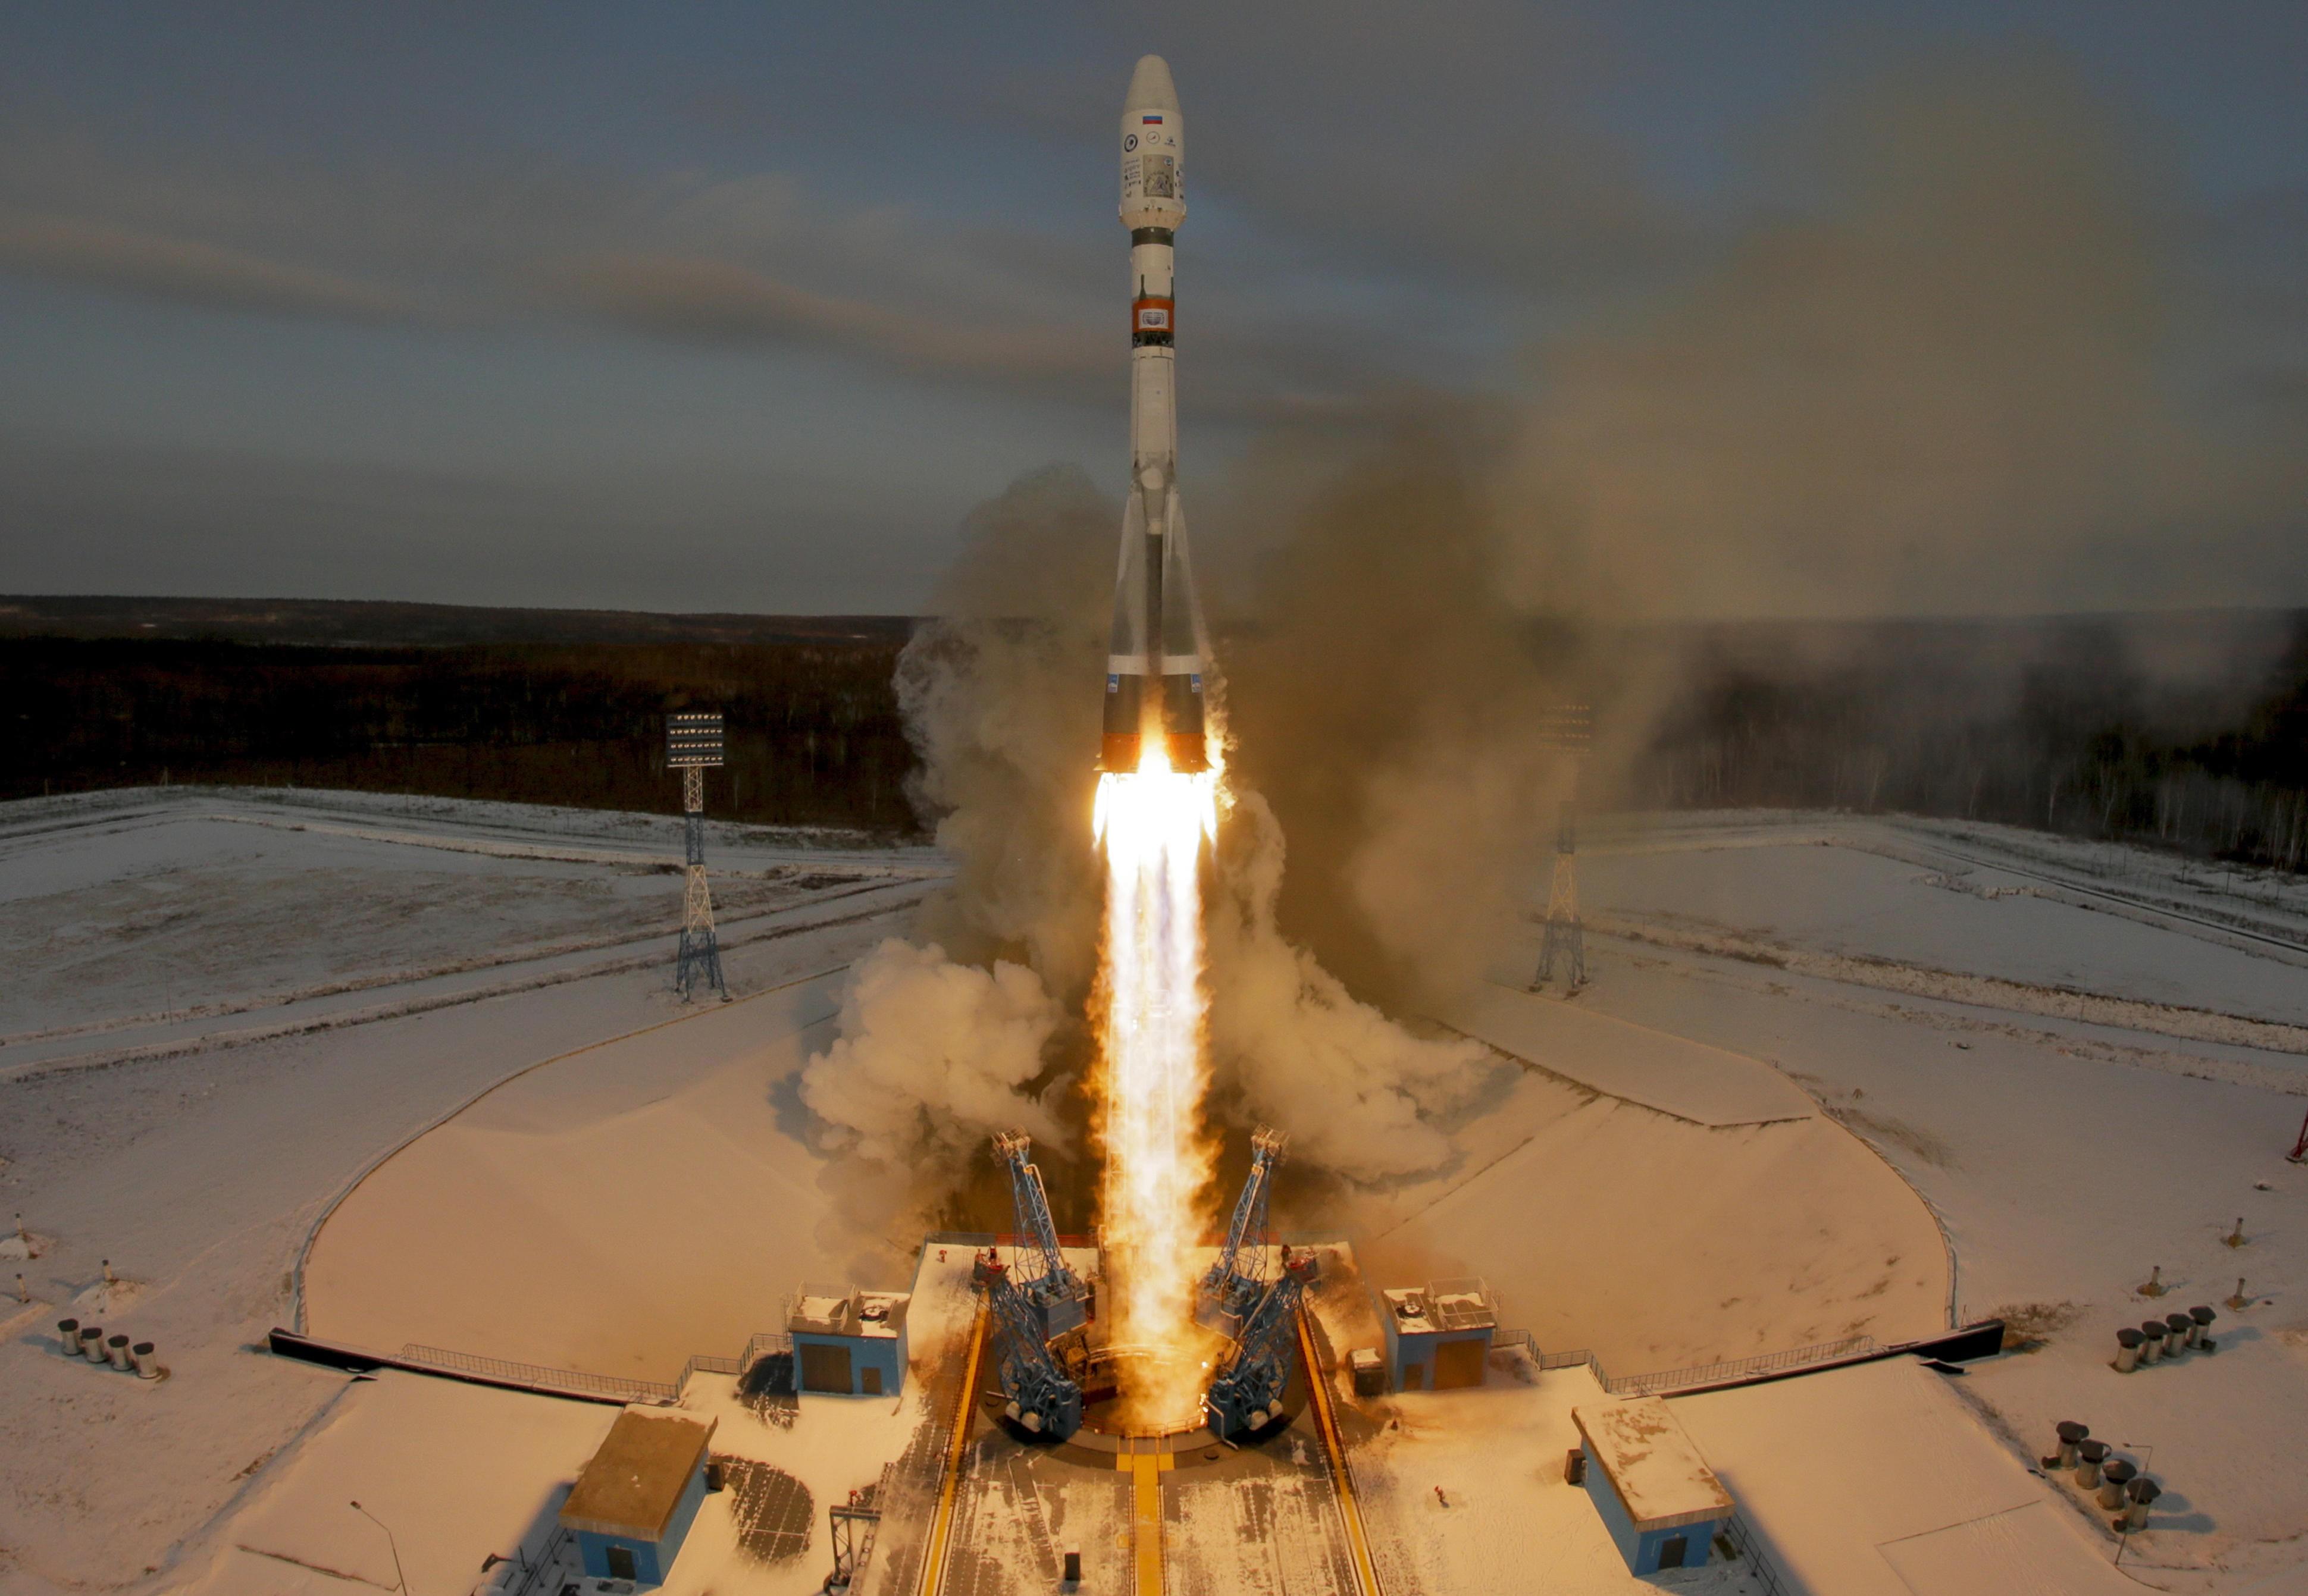 MISTET KONTAKTEN: En russisk Sojuz-rakett sendte en værsatellitt og 18 småsatellitter ut i bane tirsdag. Senere samme dag kom meldingen om at russiske myndigheter ikke fikk kontakt med værsatellitten.